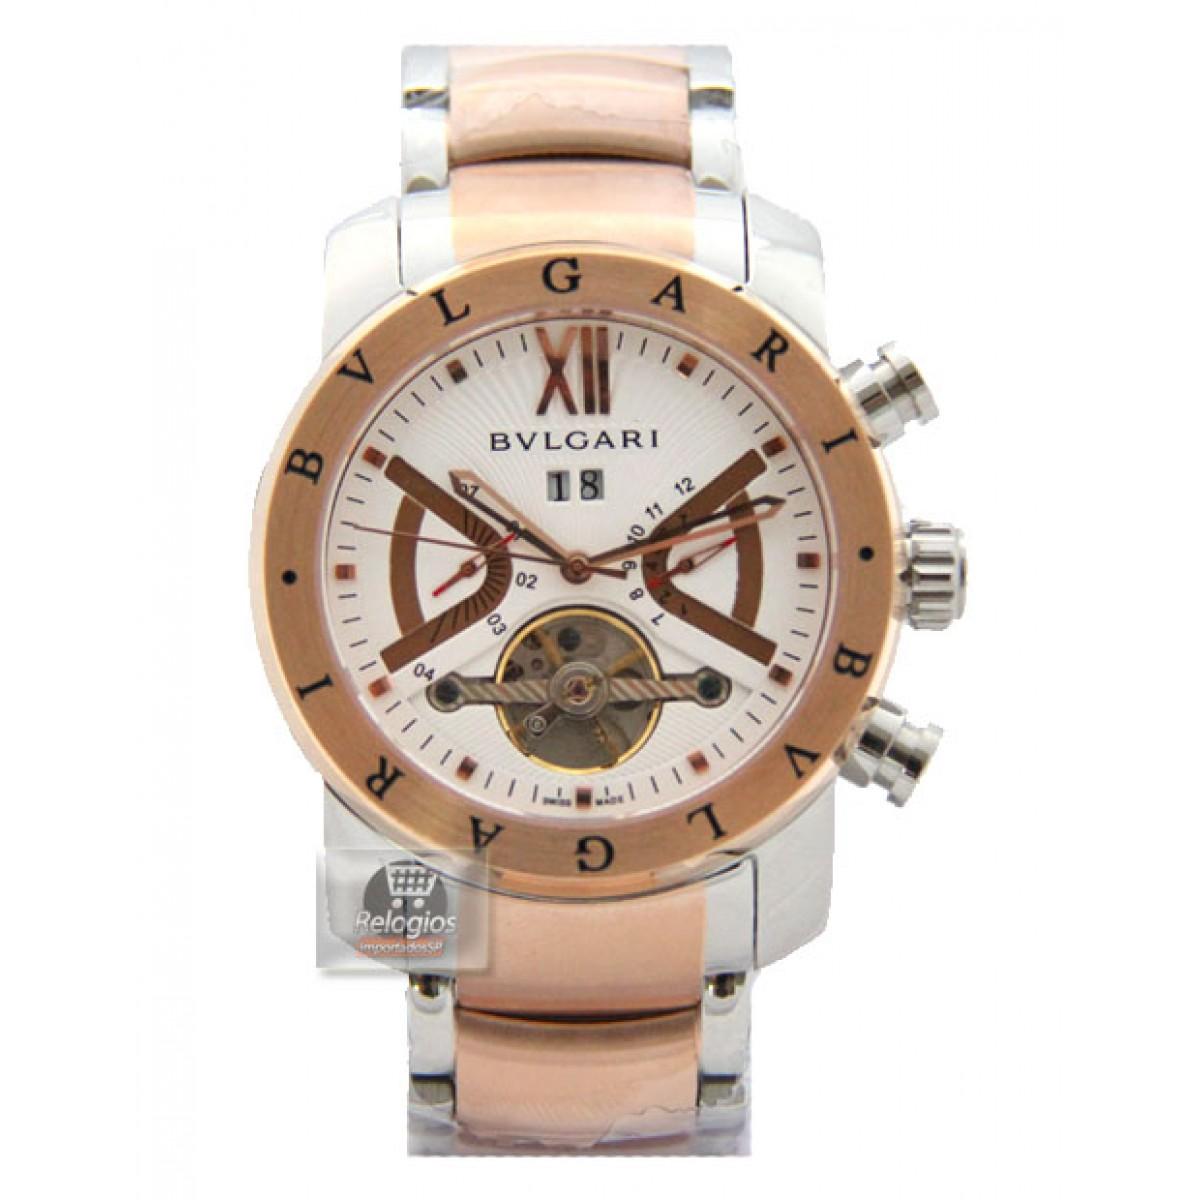 c7821fe6fb96f Relógio Réplica Bulgari Homem de Ferro Rosê Branco